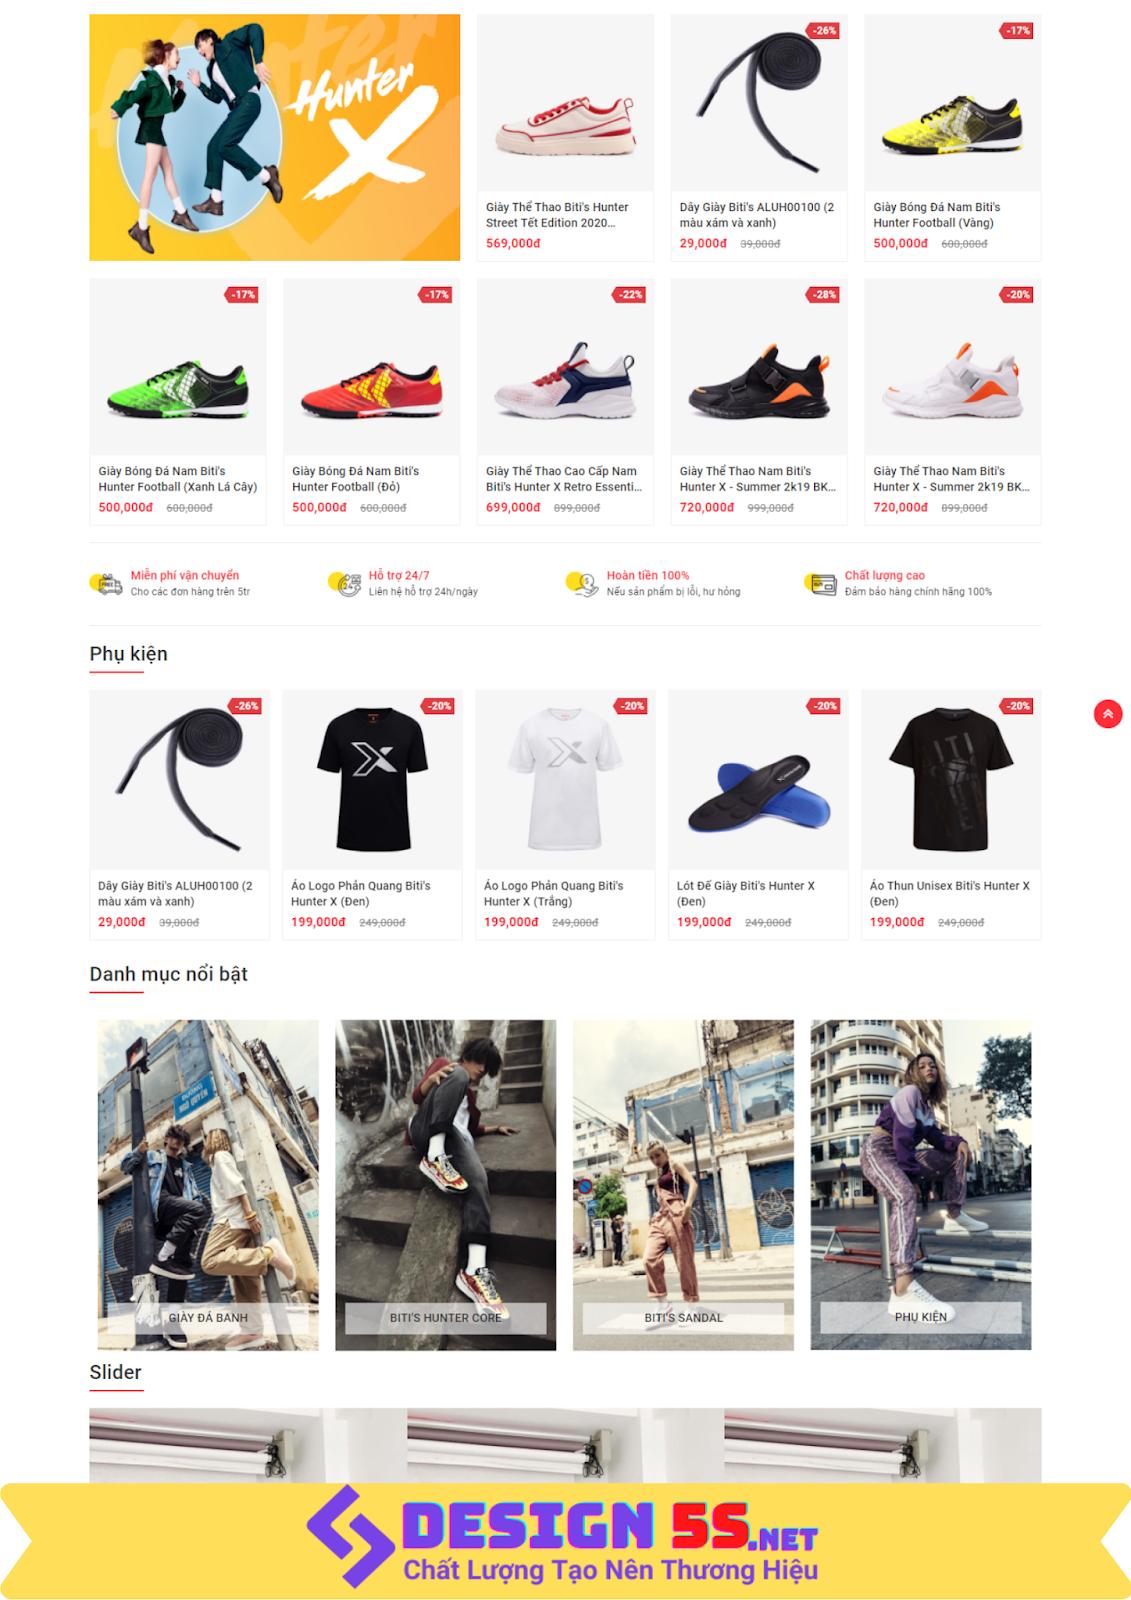 Template blogspot bán giày Ant Shoe Shop tuyệt đẹp VSM15 - Ảnh 2